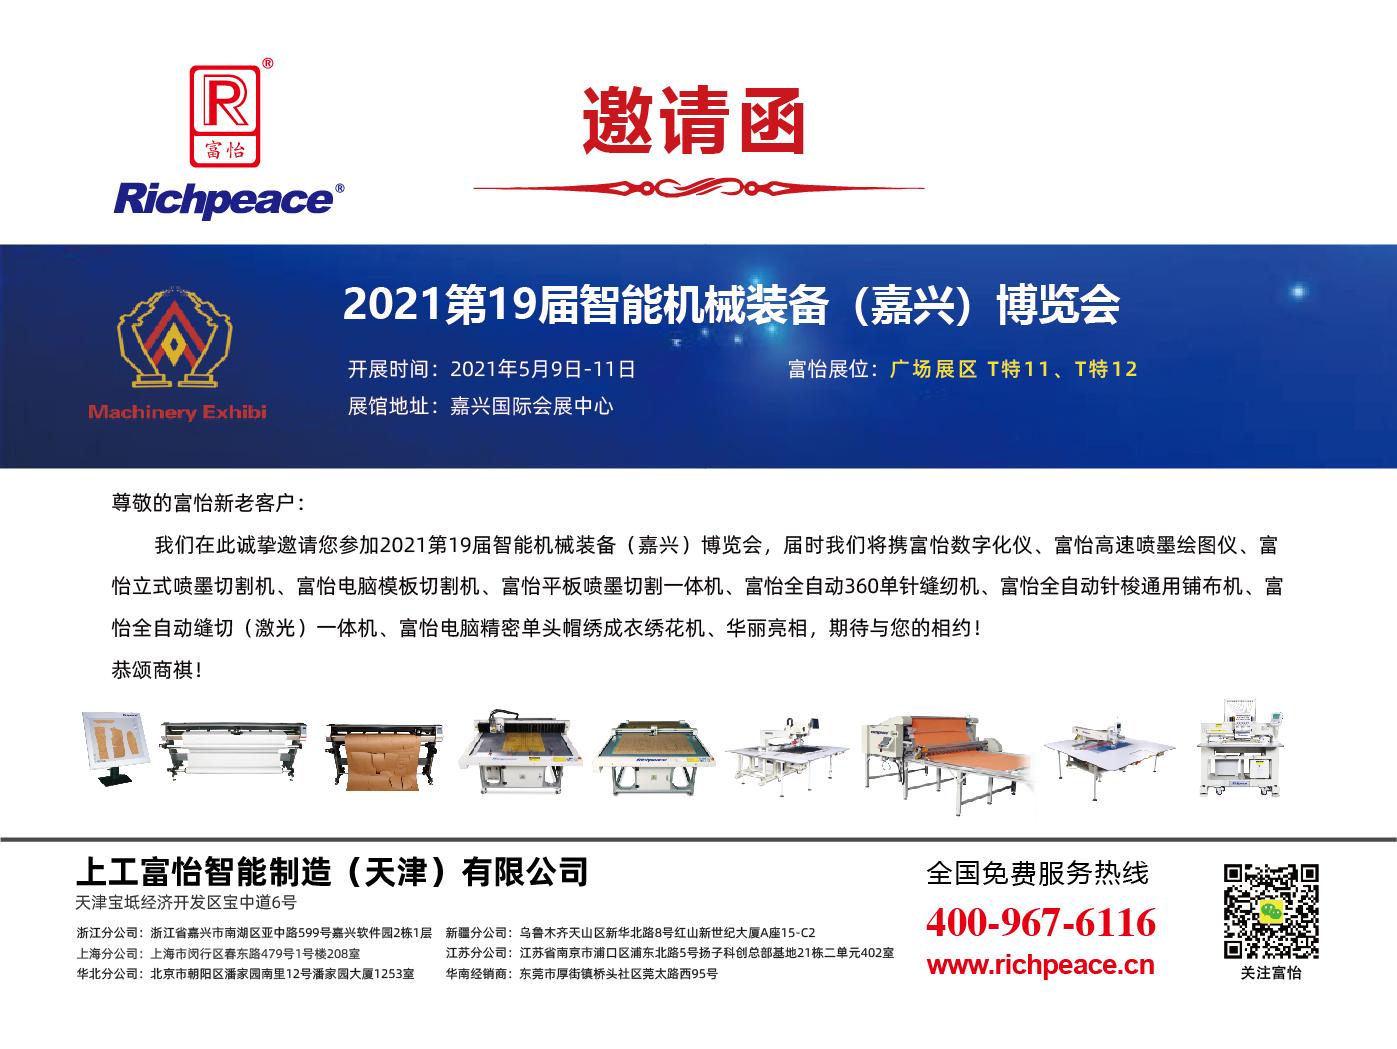 2021第19届智能机械装备(嘉兴)博览会-01 (2)